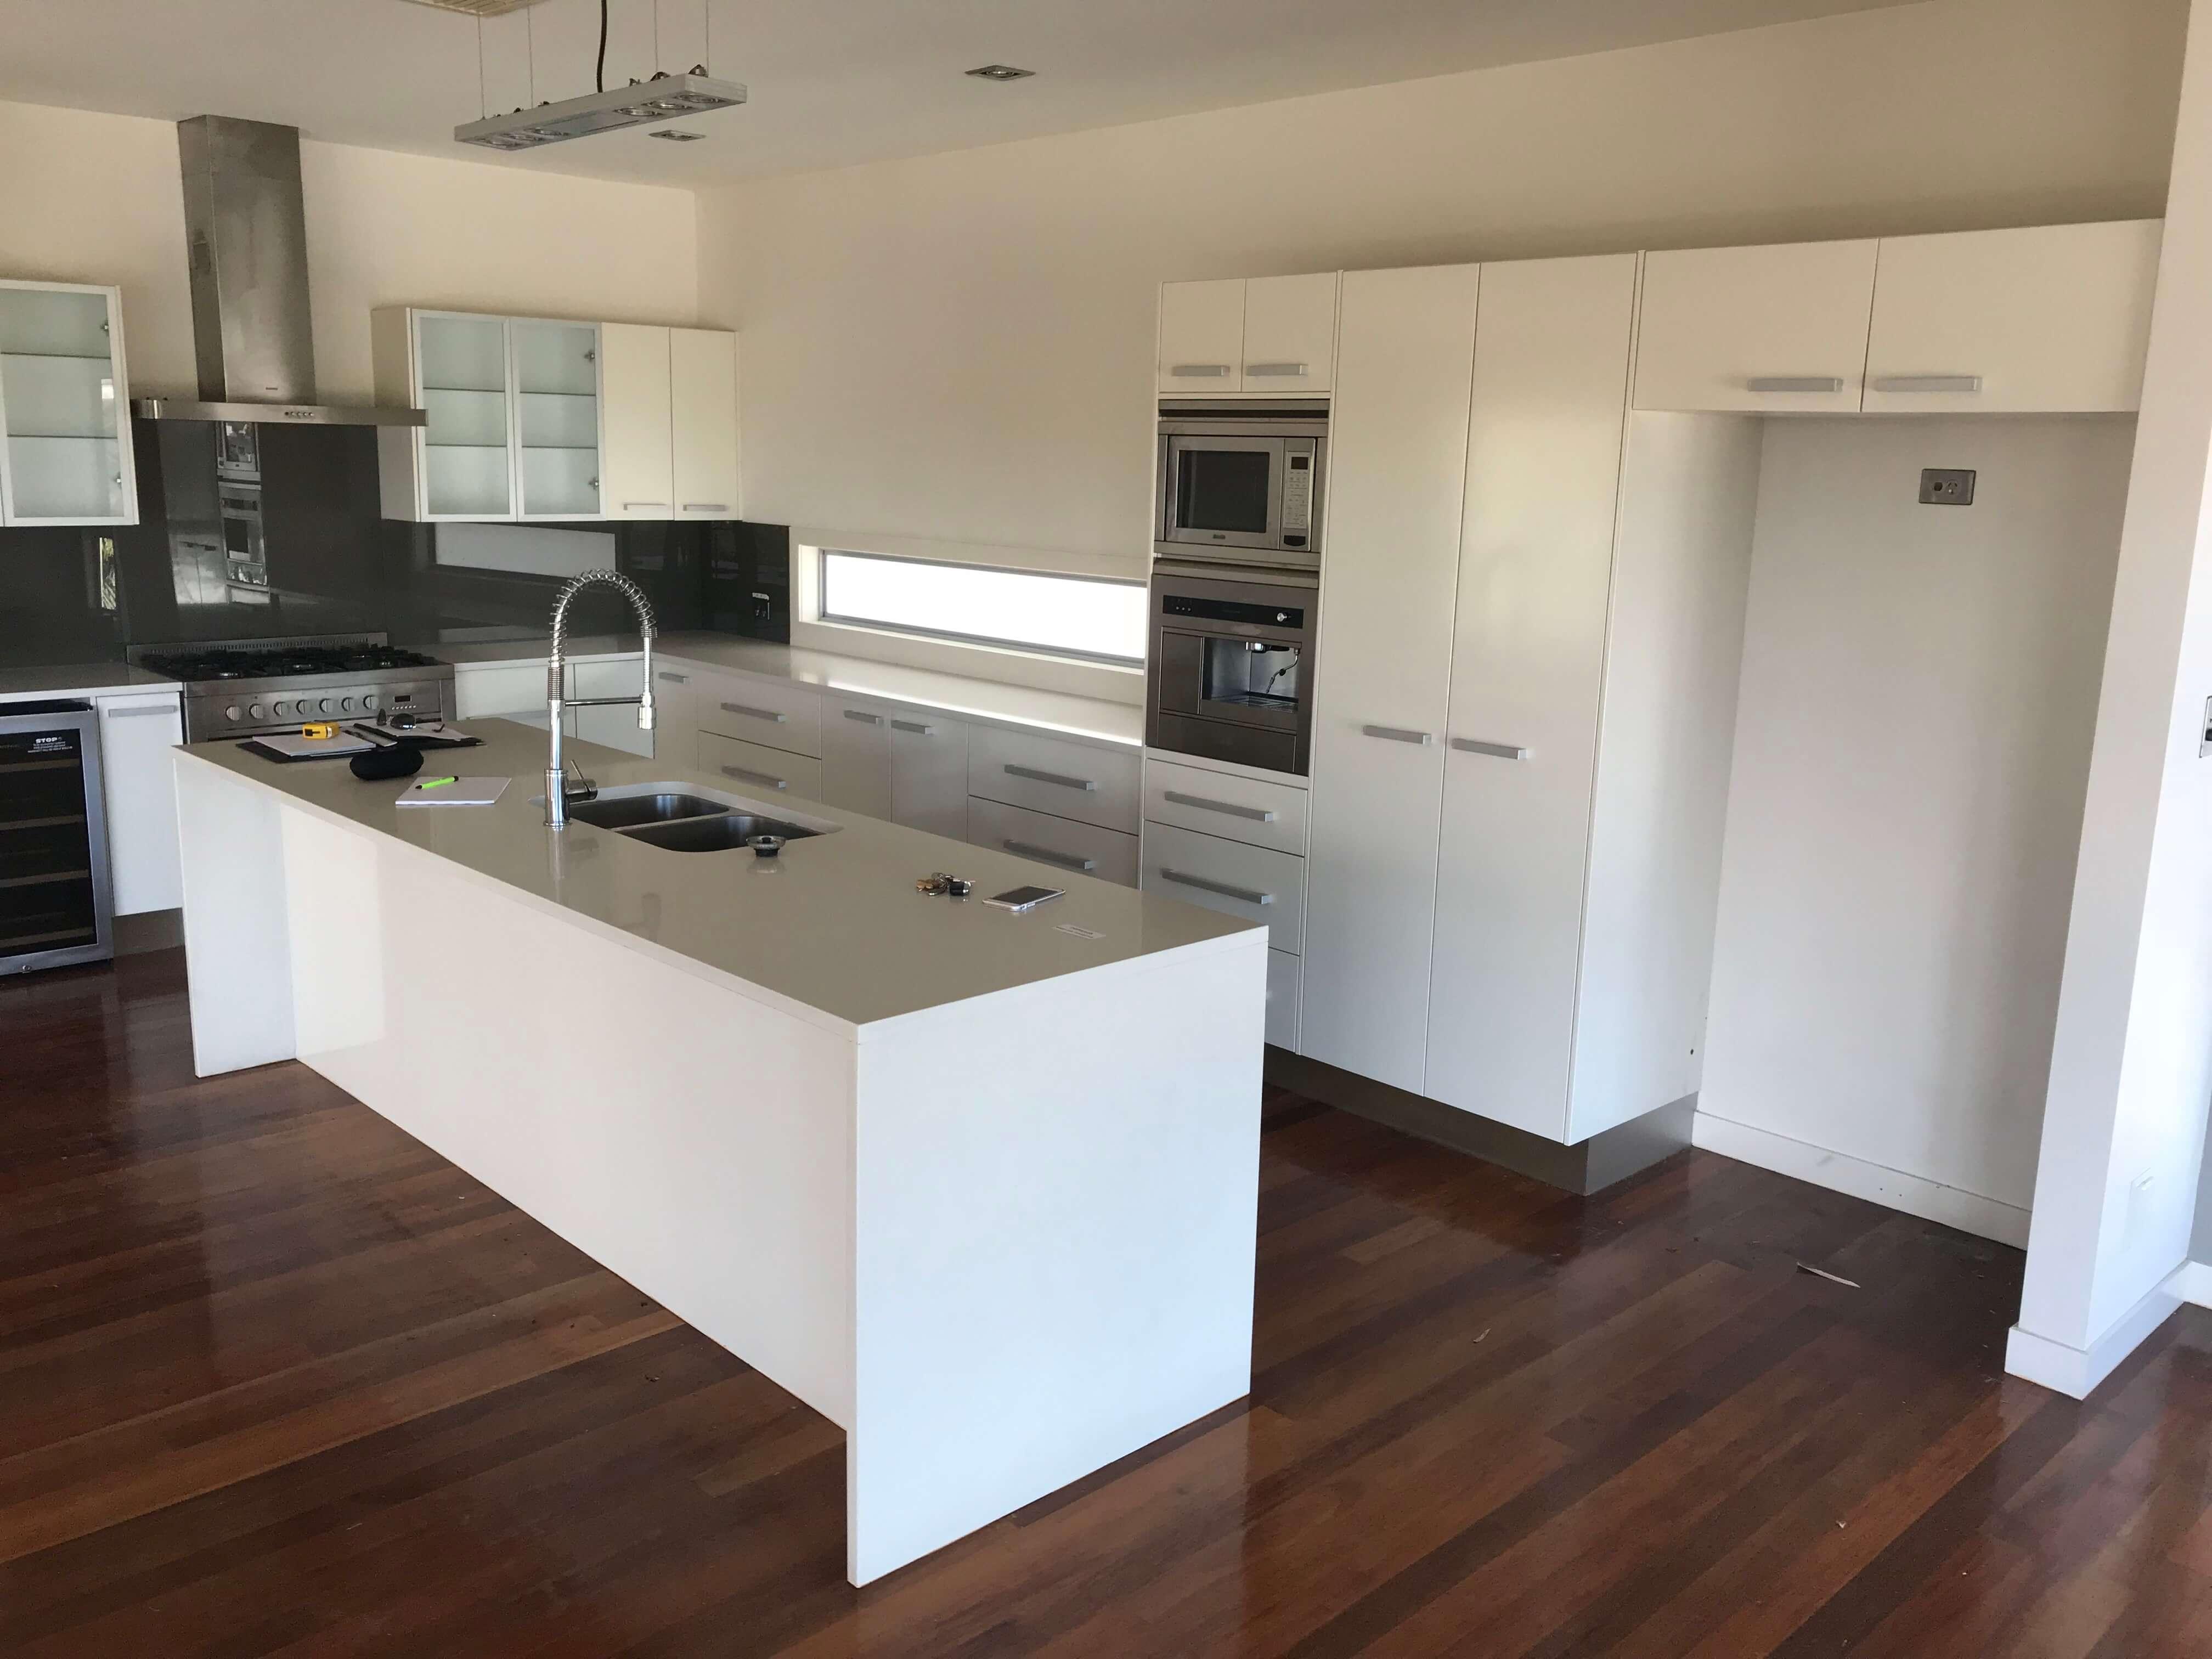 White kitchen before renovations